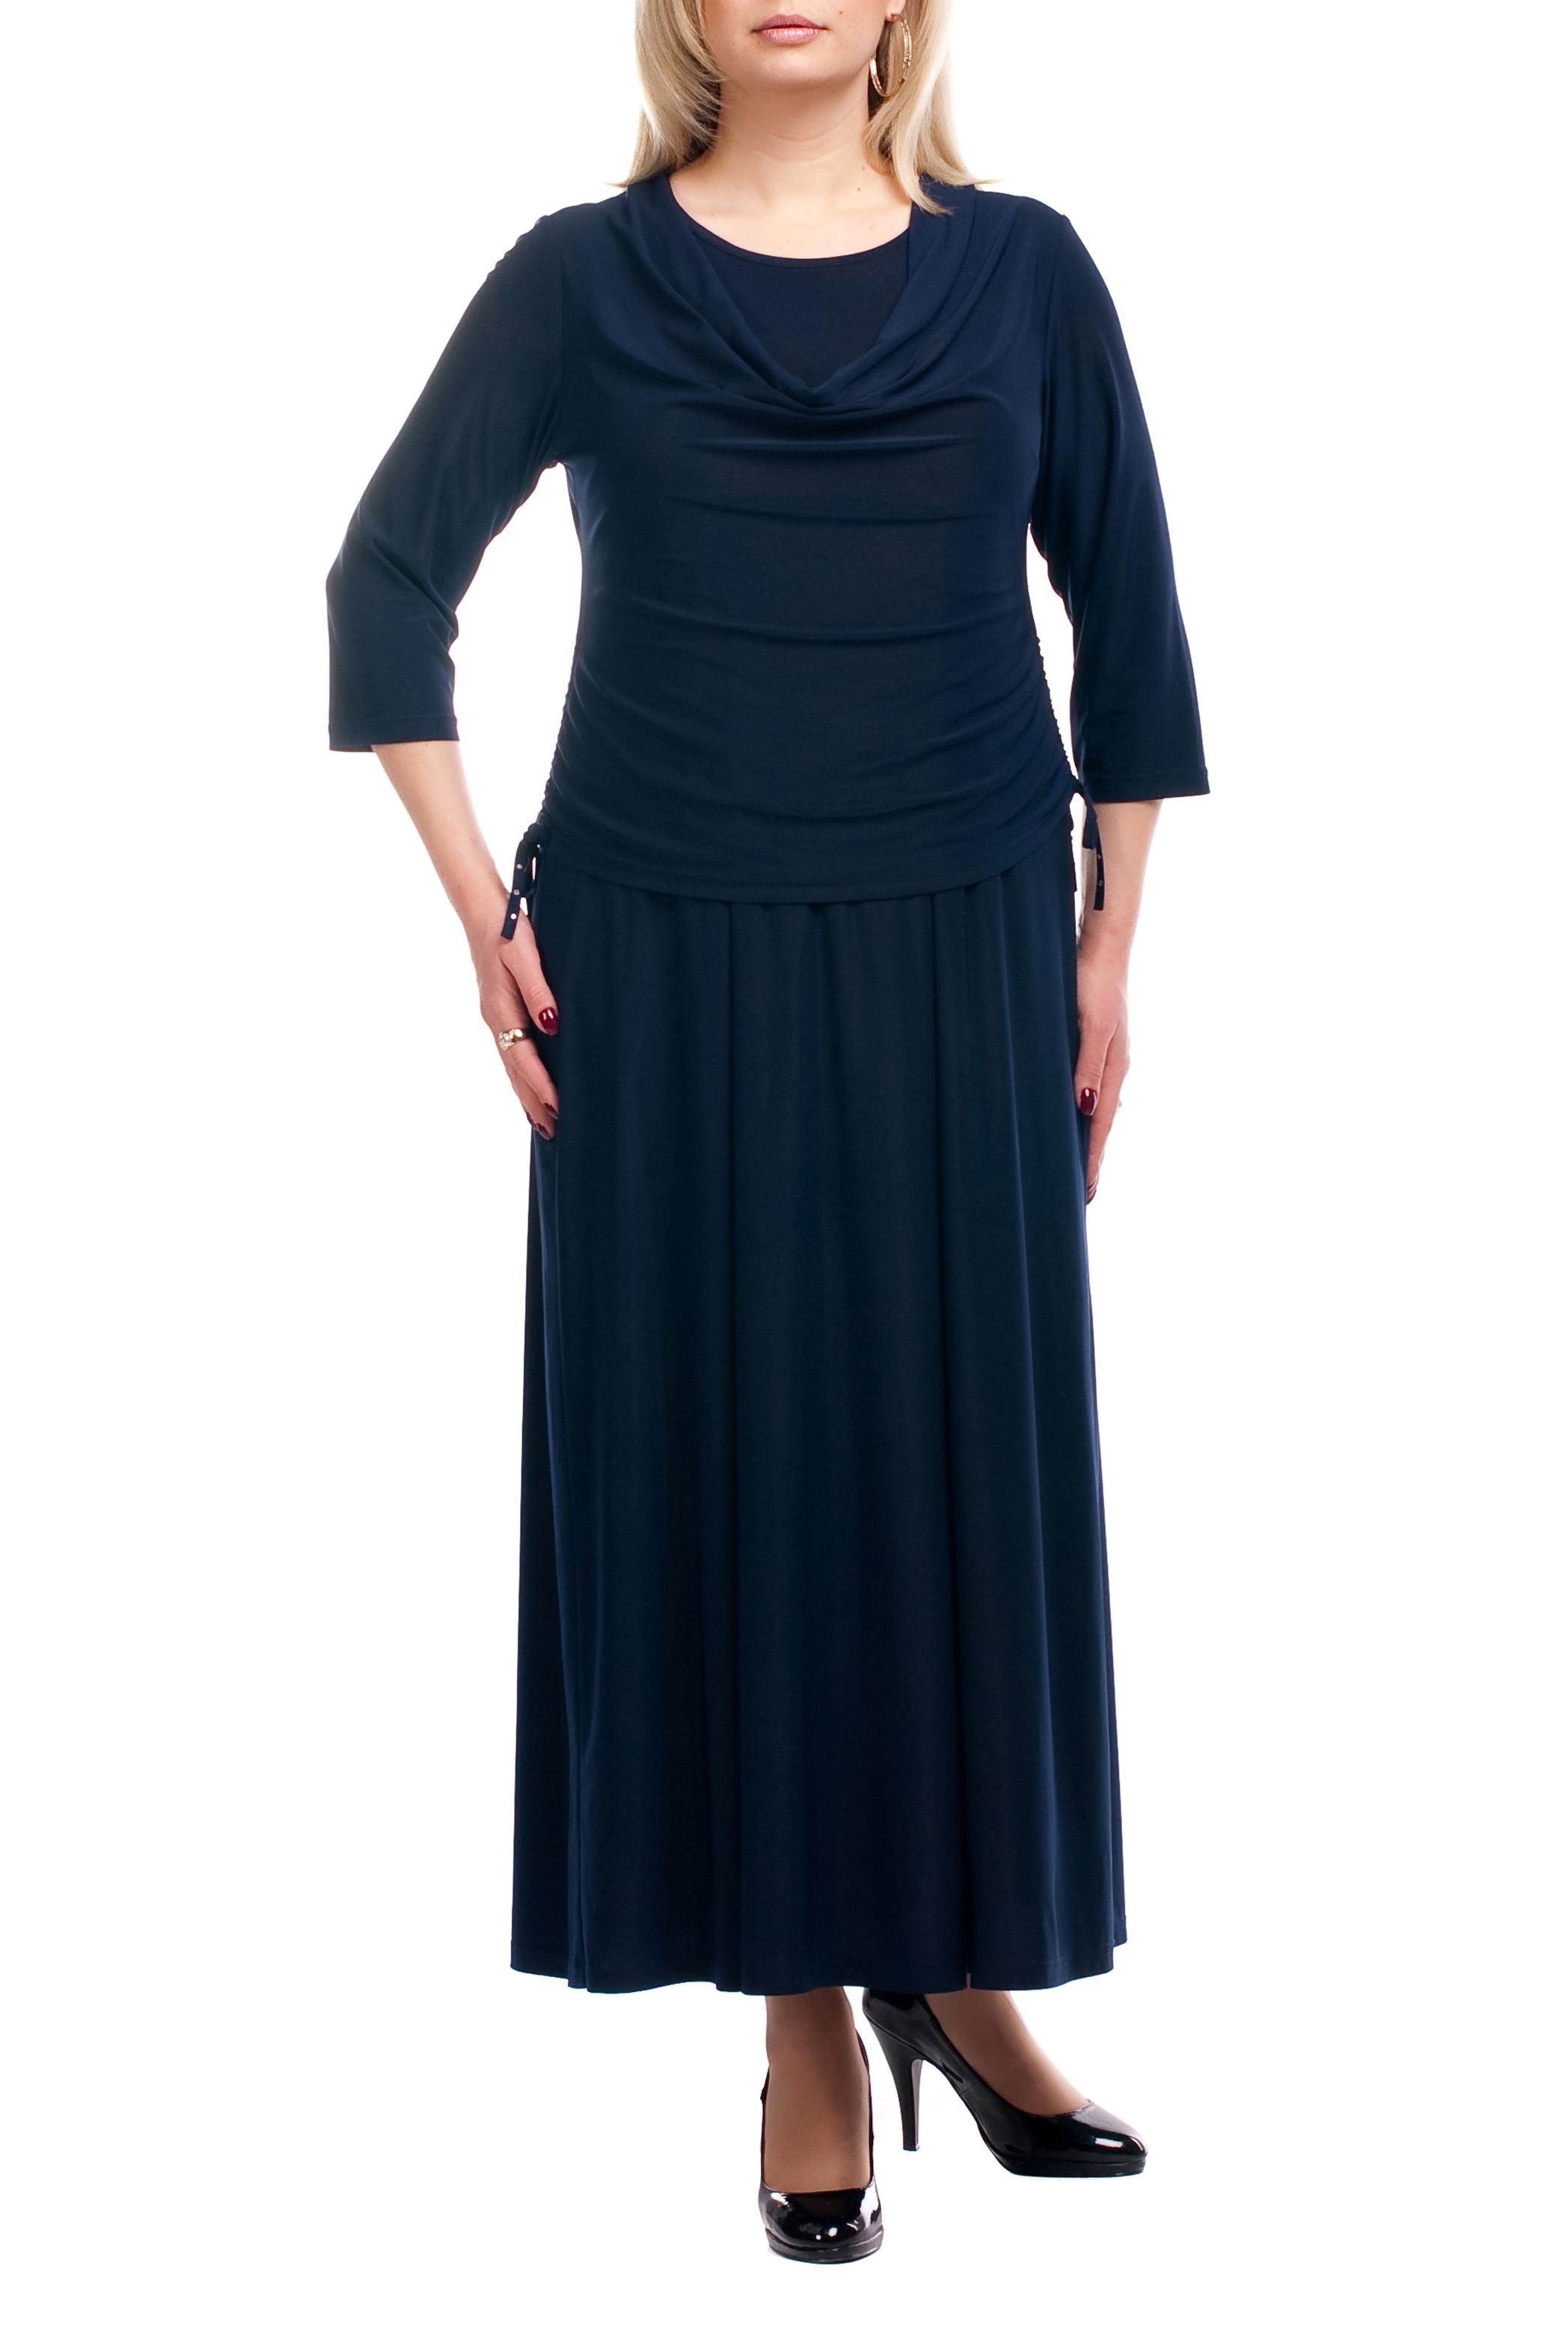 Платье. Производитель: LacyWear, артикул: 298235